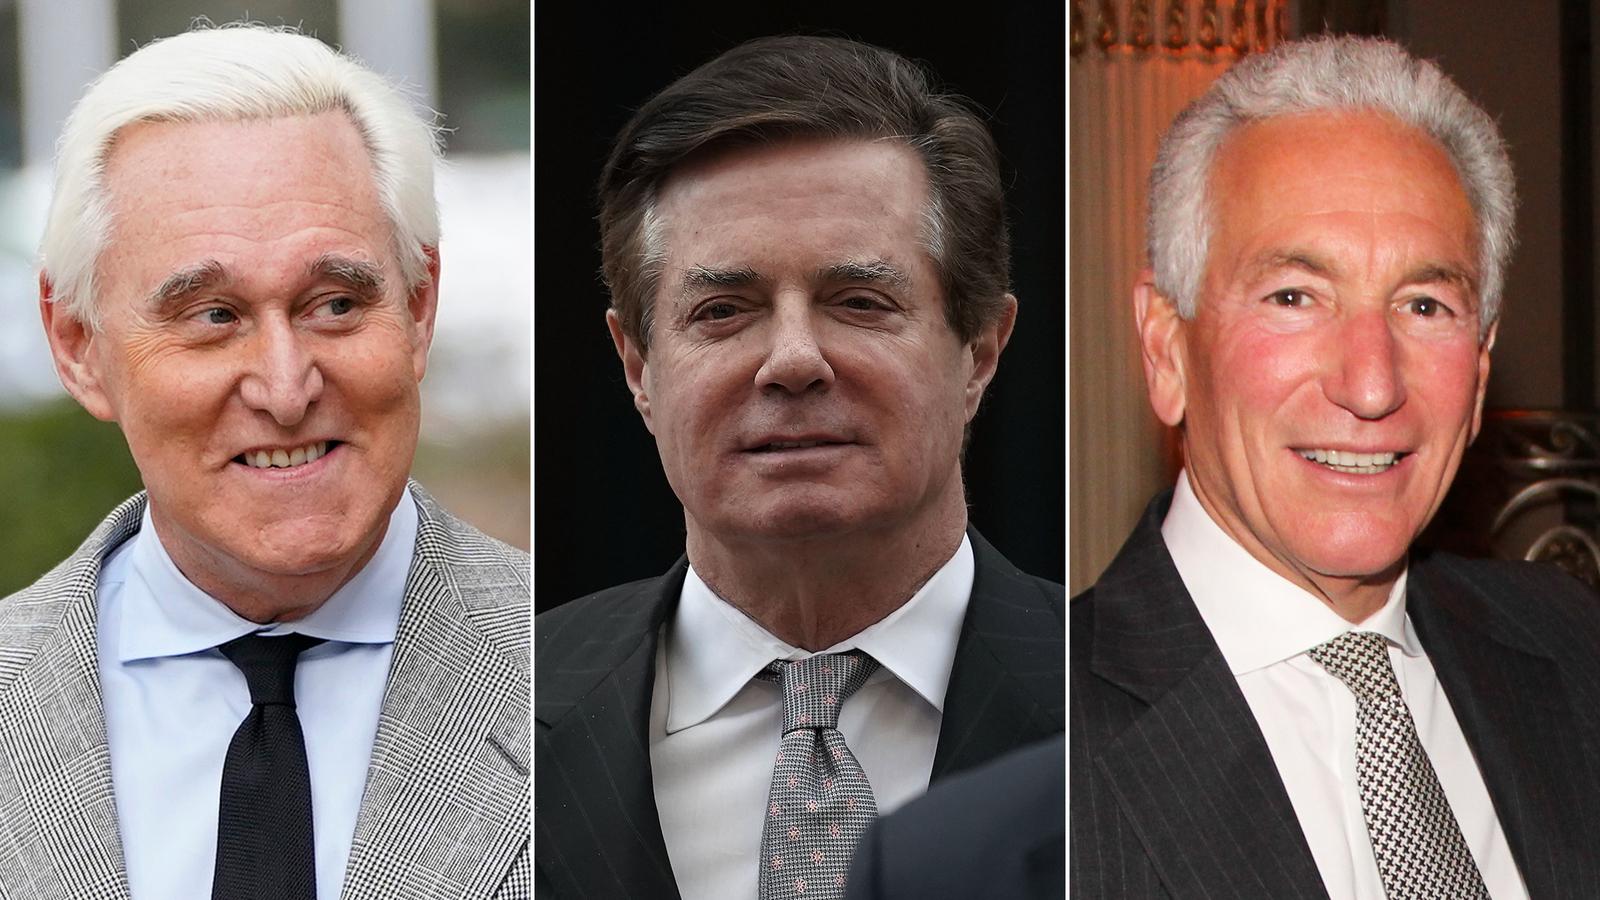 From left, Roger Stone, Paul Manafort and Charles Kushner.